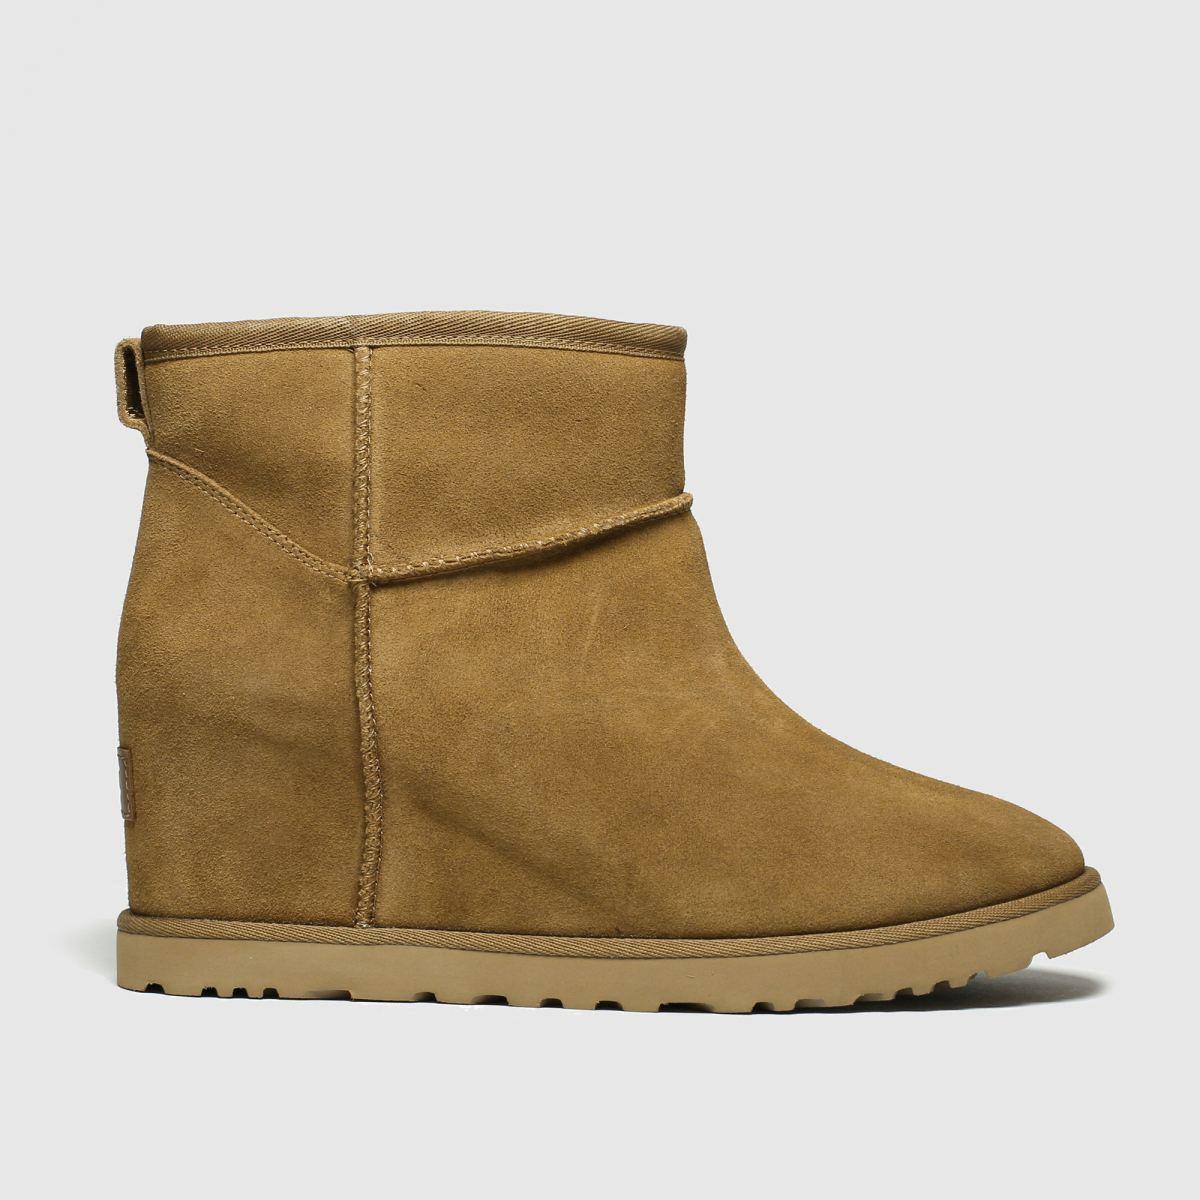 Ugg Tan Classic Femme Mini Boots